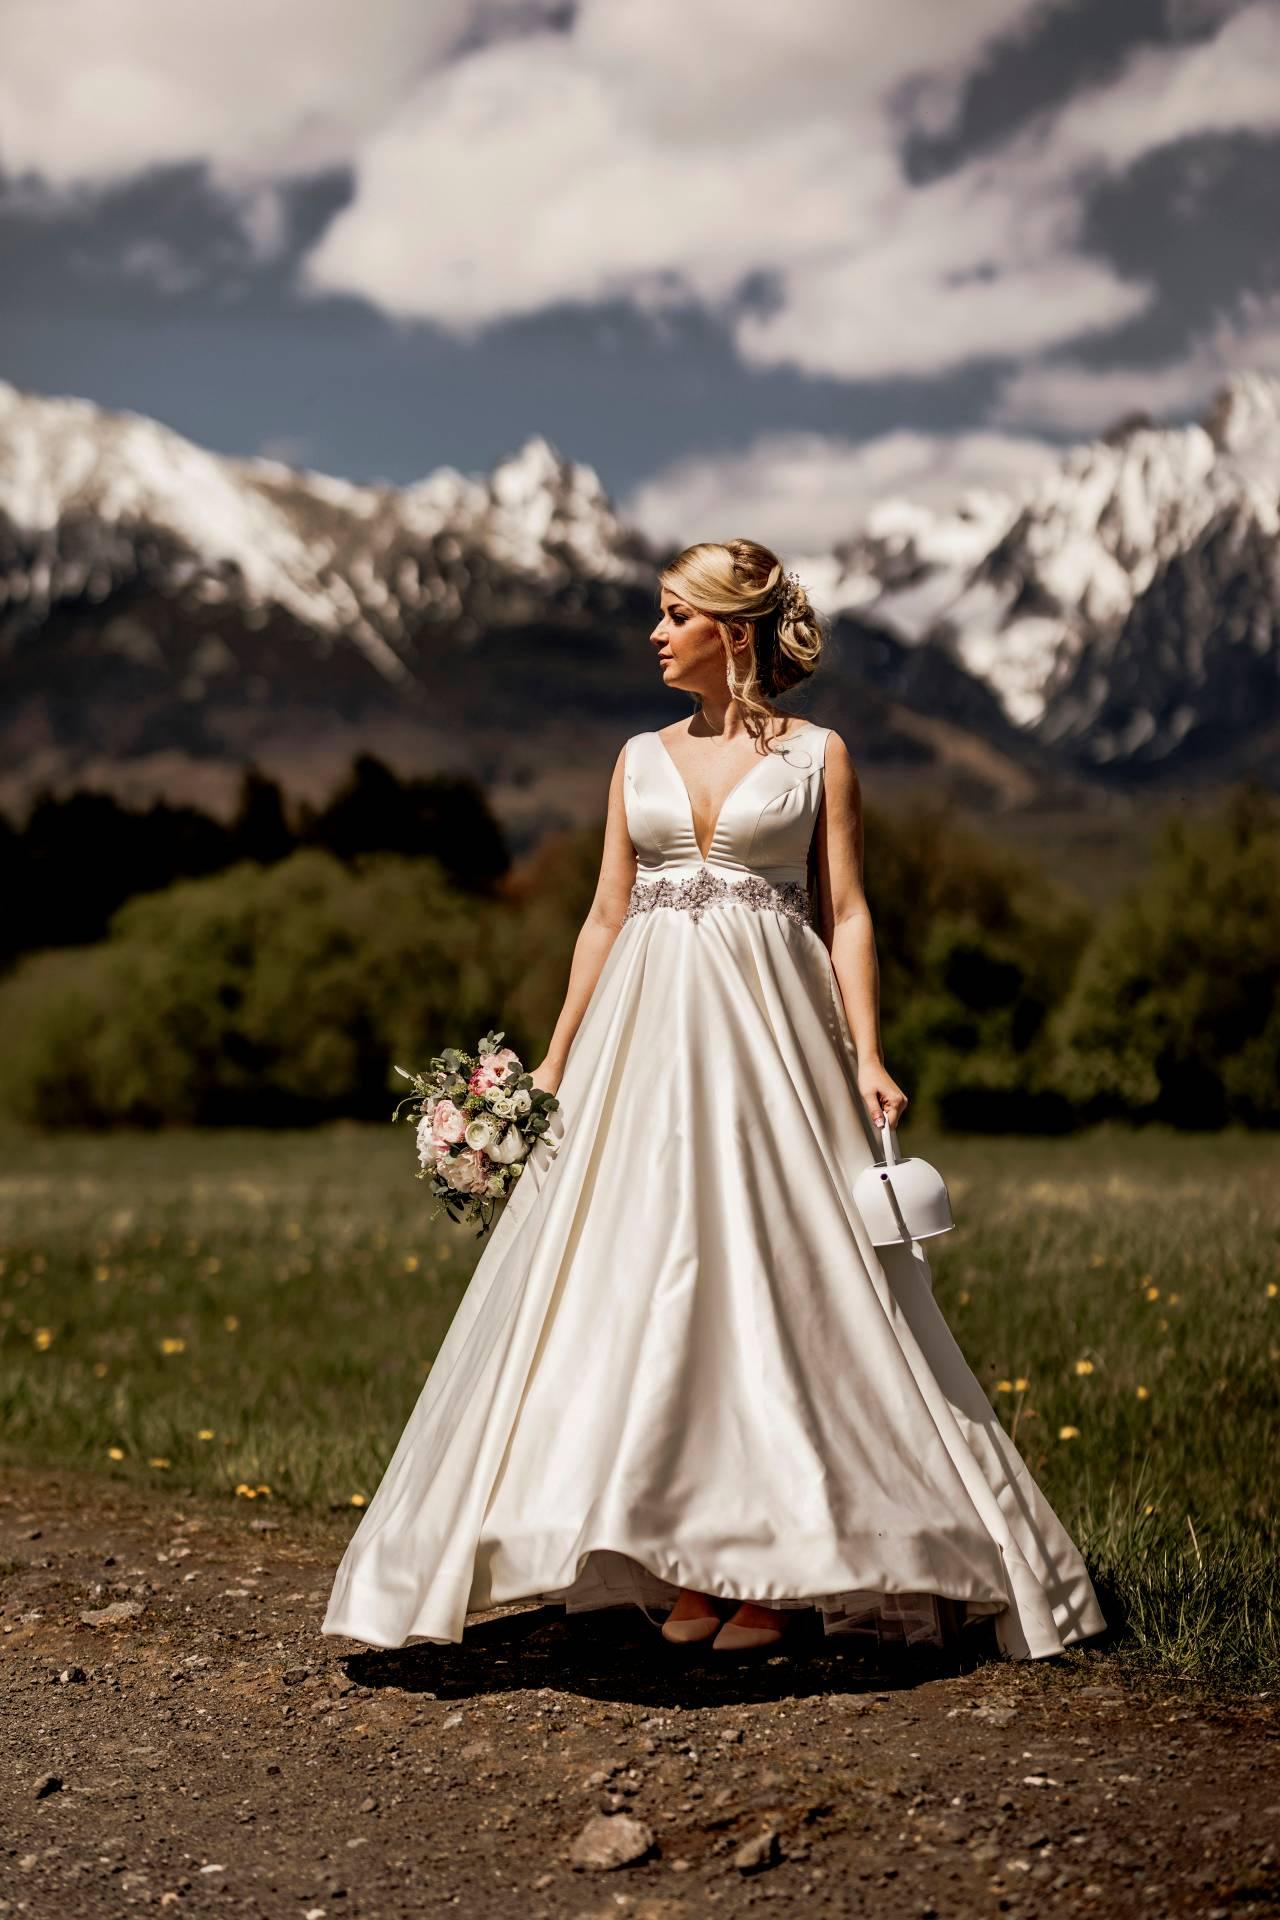 specialny pribeh na svadbu